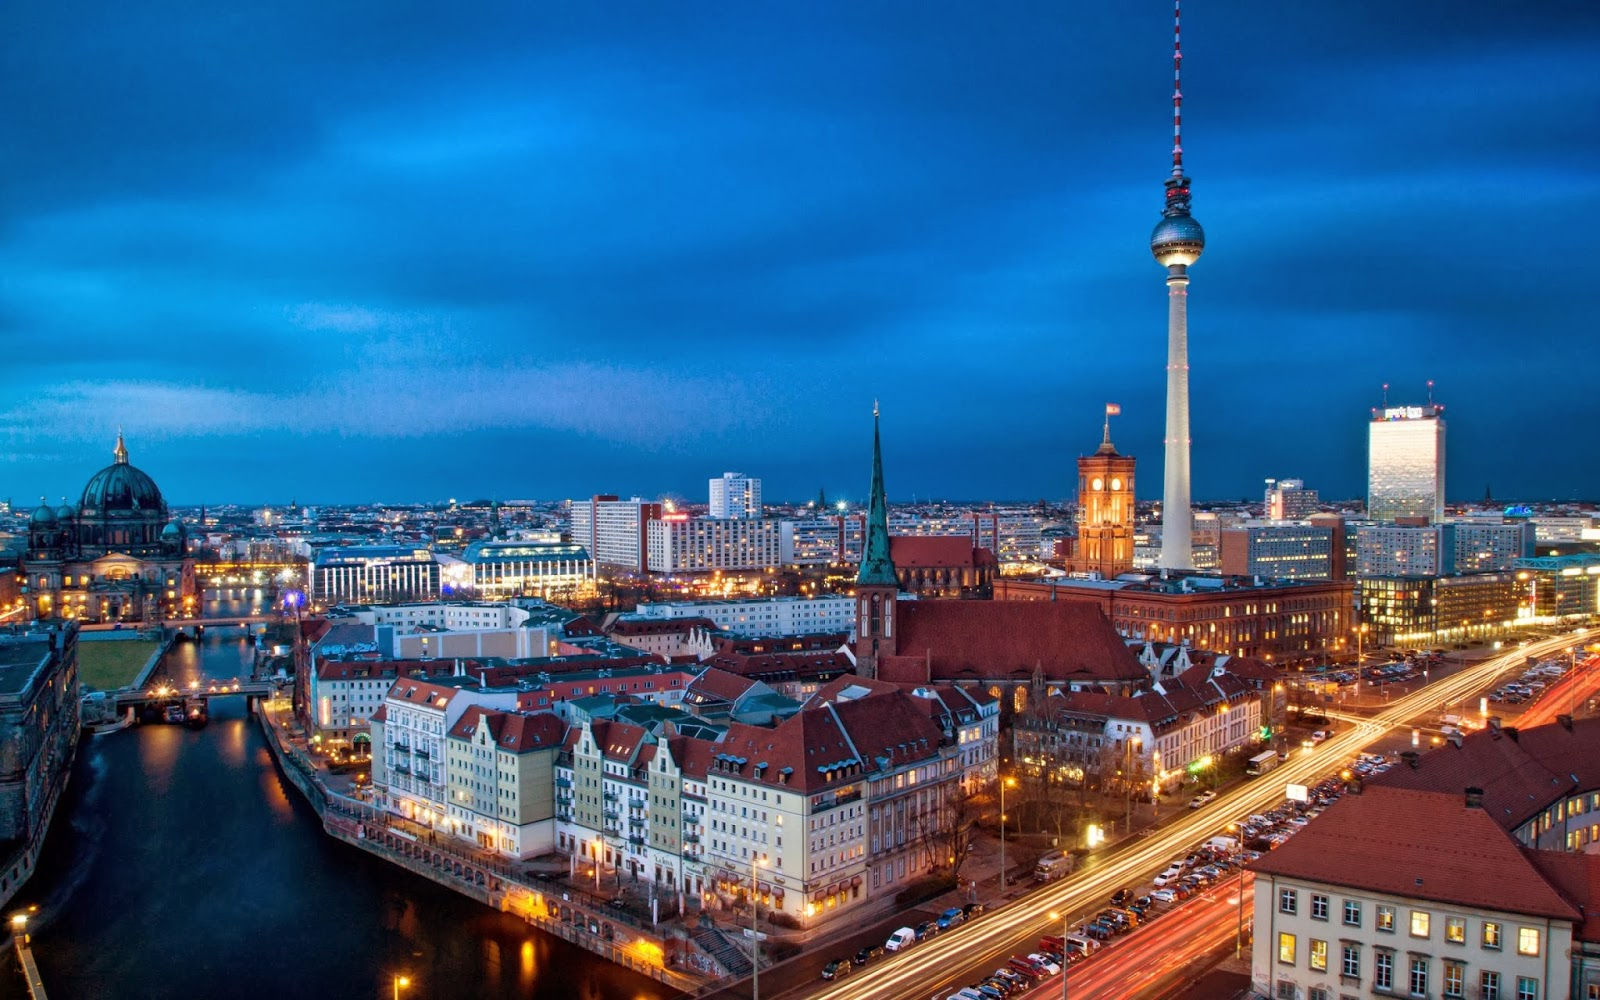 Torre-Berliner-Fernsehturm-Alemanha-Berlim